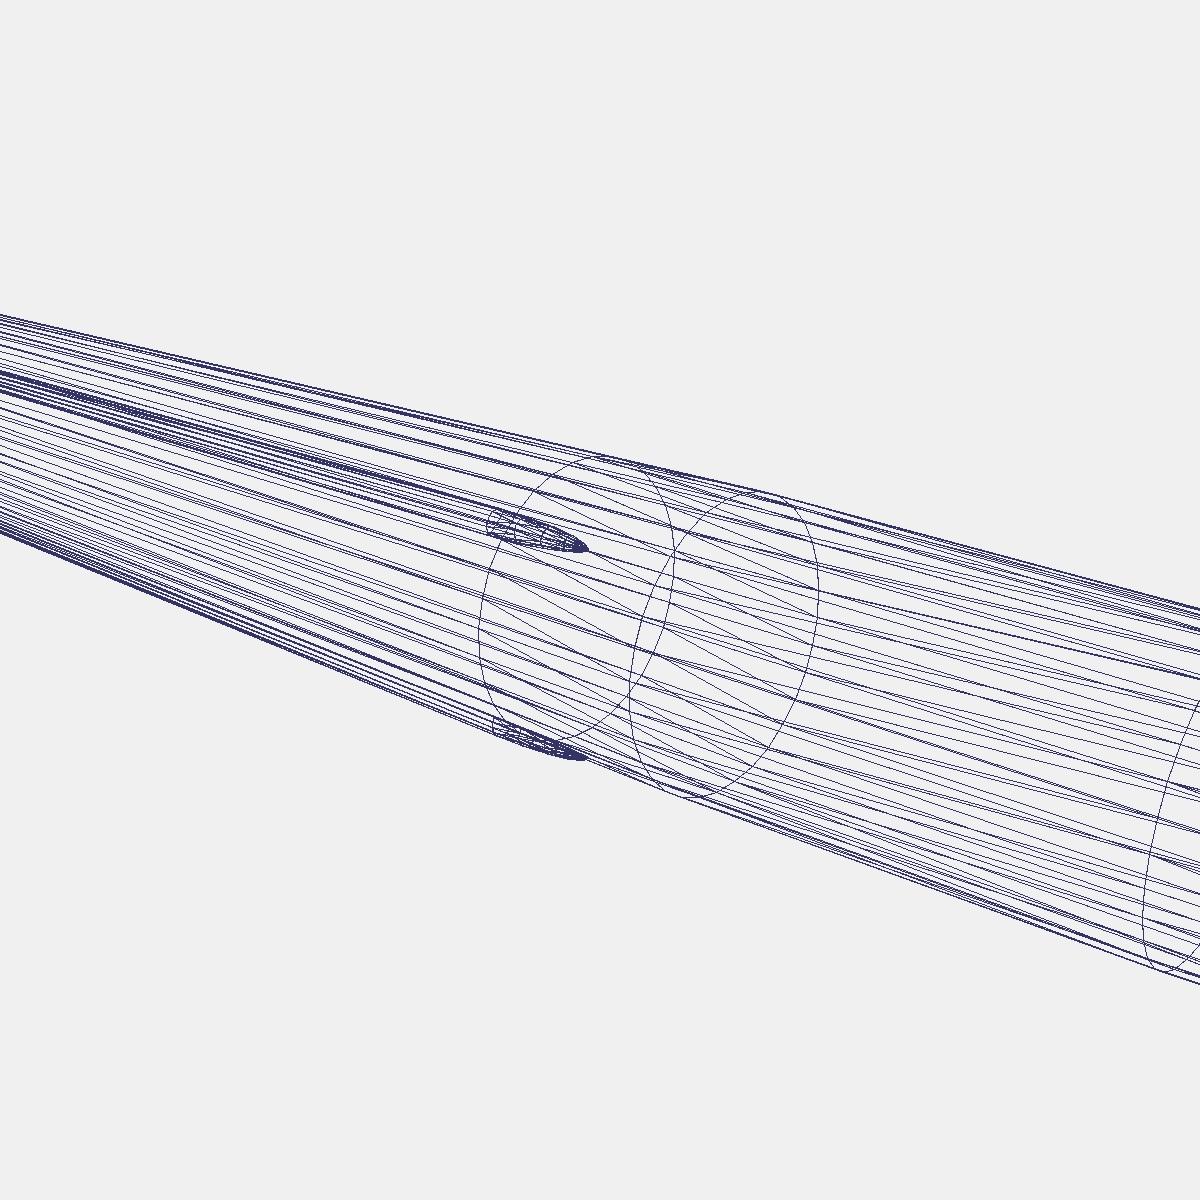 aerobee 170 raķete 3d modelis 3ds dxf fbx blend cob dae x obj 166050